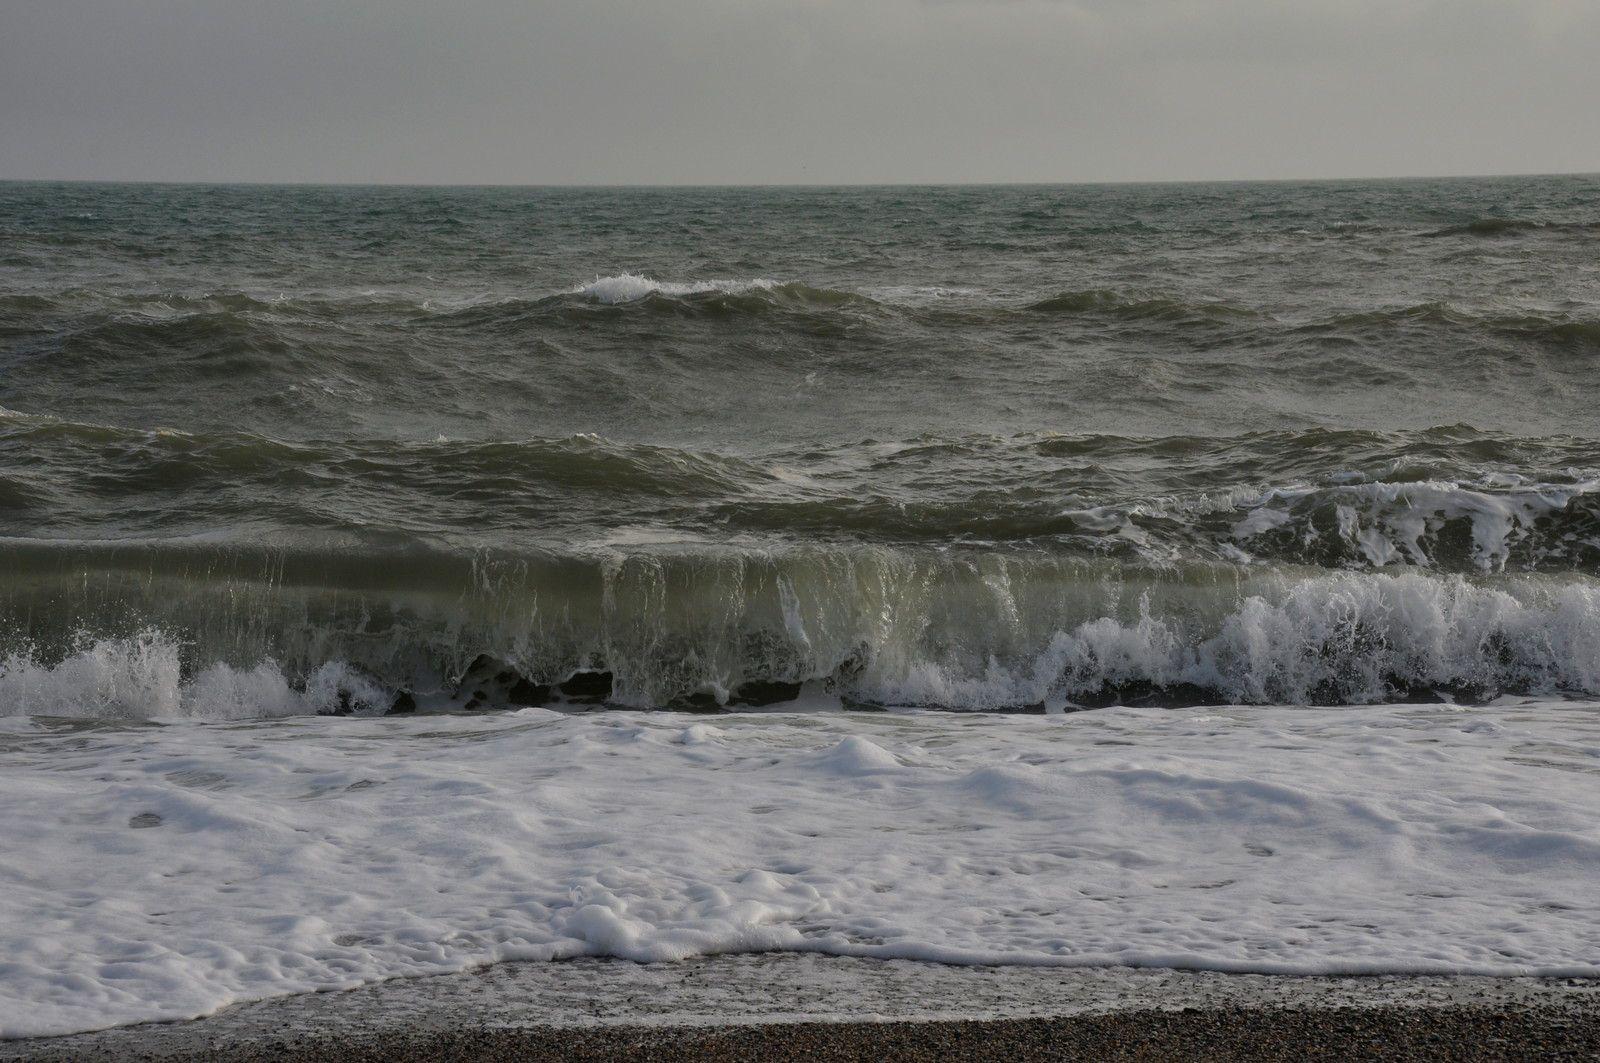 La vague classique du jour.